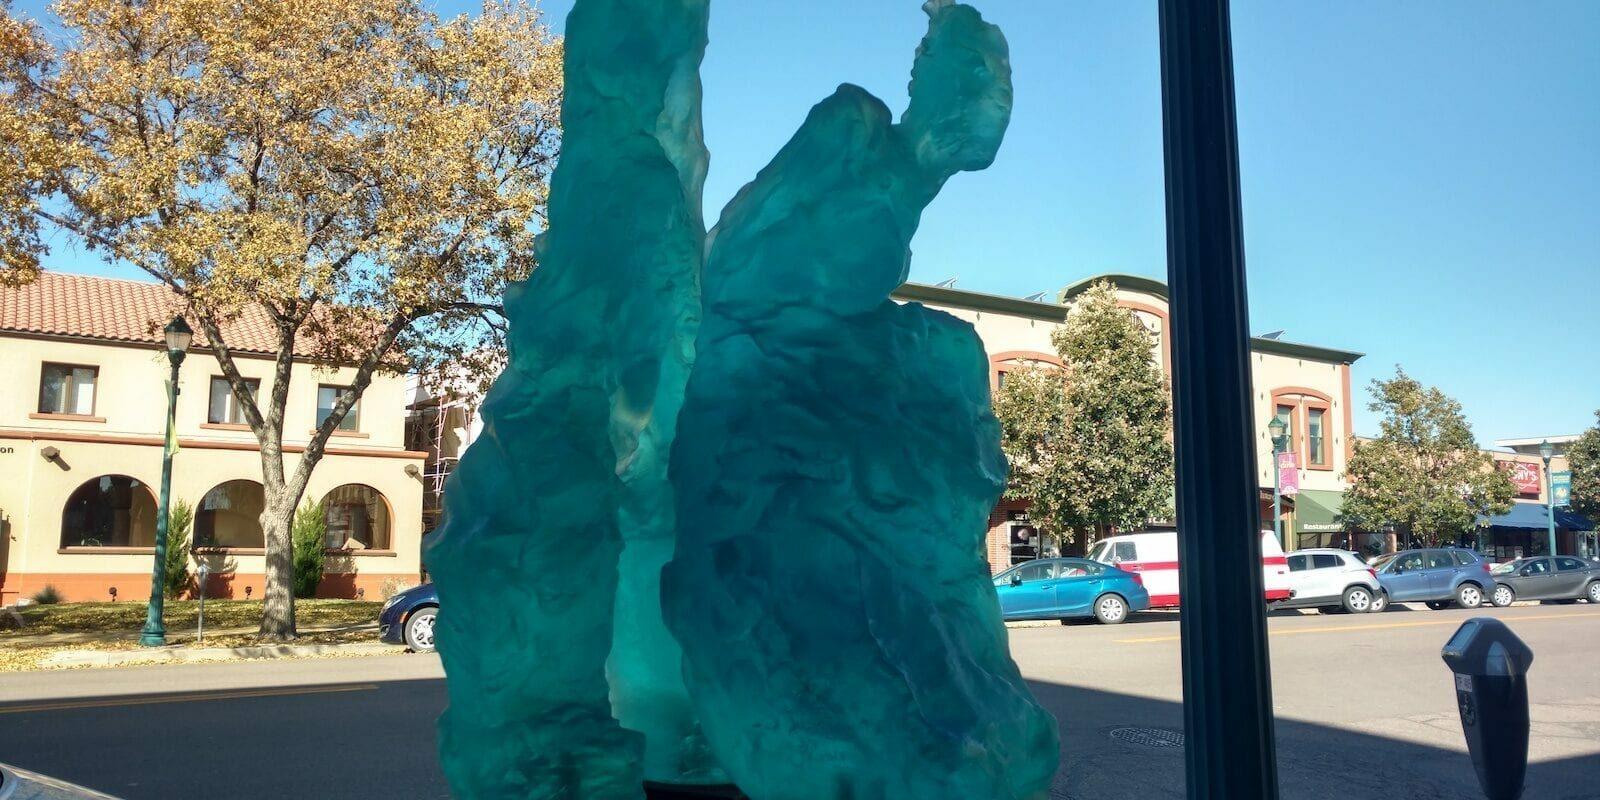 Colorado Springs ArtWalk HooDoo